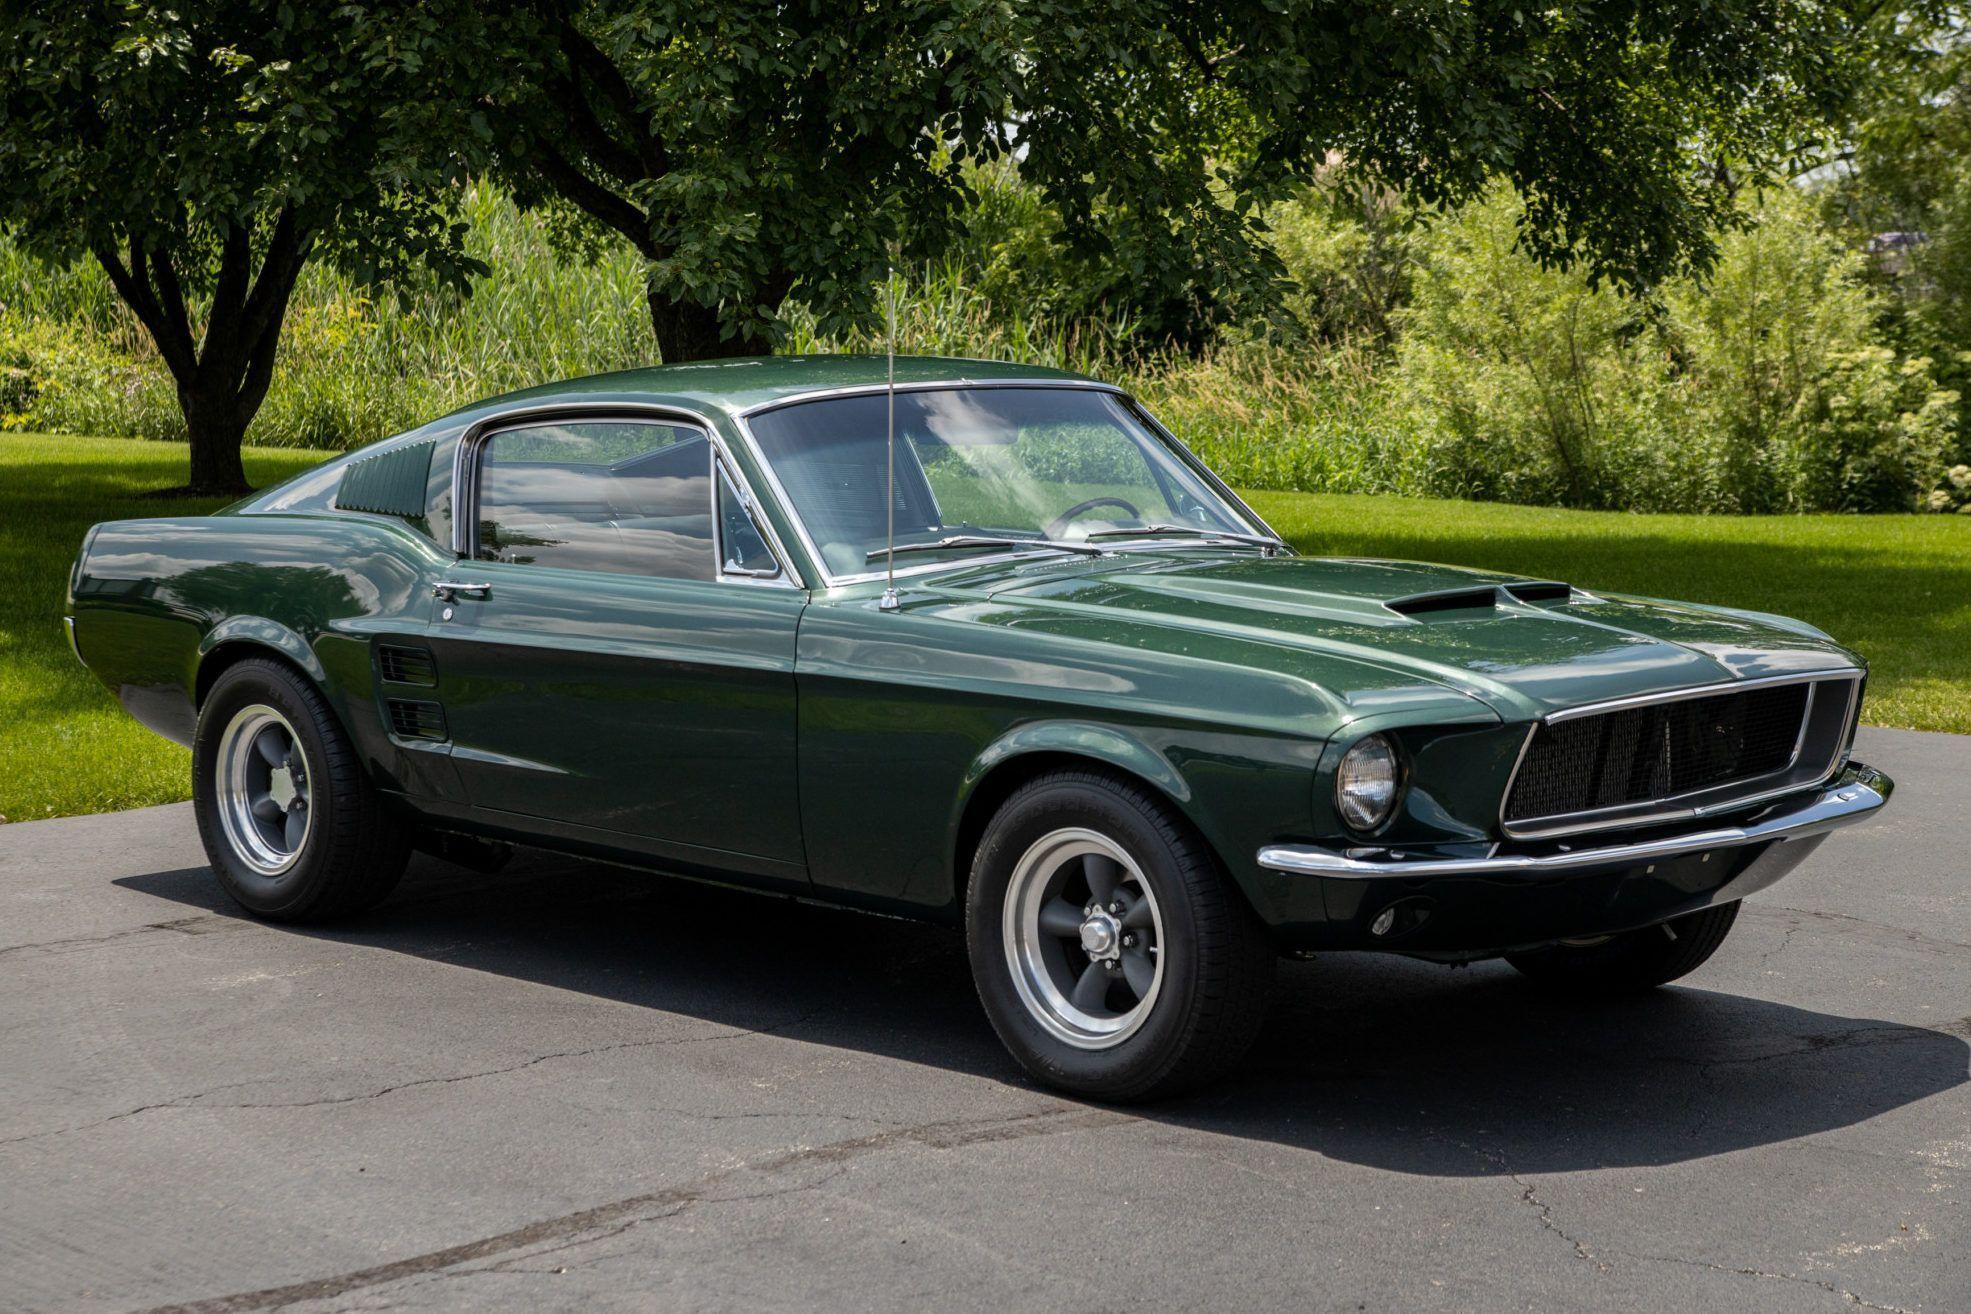 1967 Ford Mustang Fastback Bullitt Tribute In 2020 Mustang